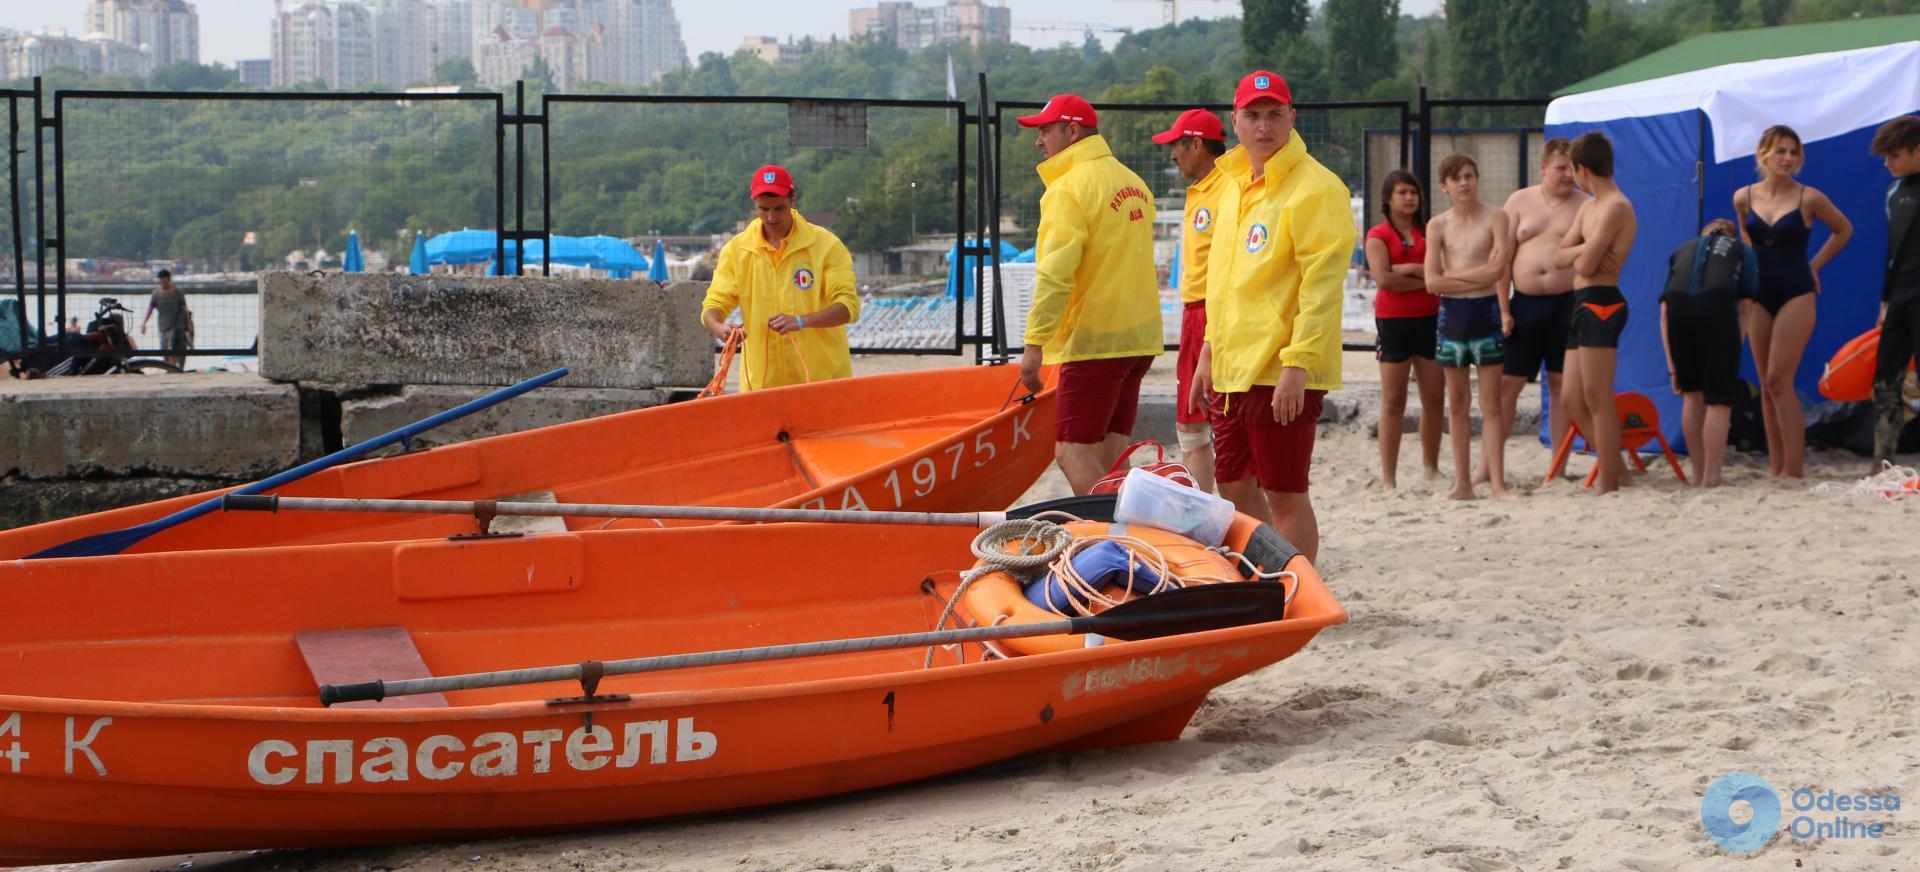 Одесса: пляжные спасатели устроили показательные учения и рассказали, как ищут утопленников